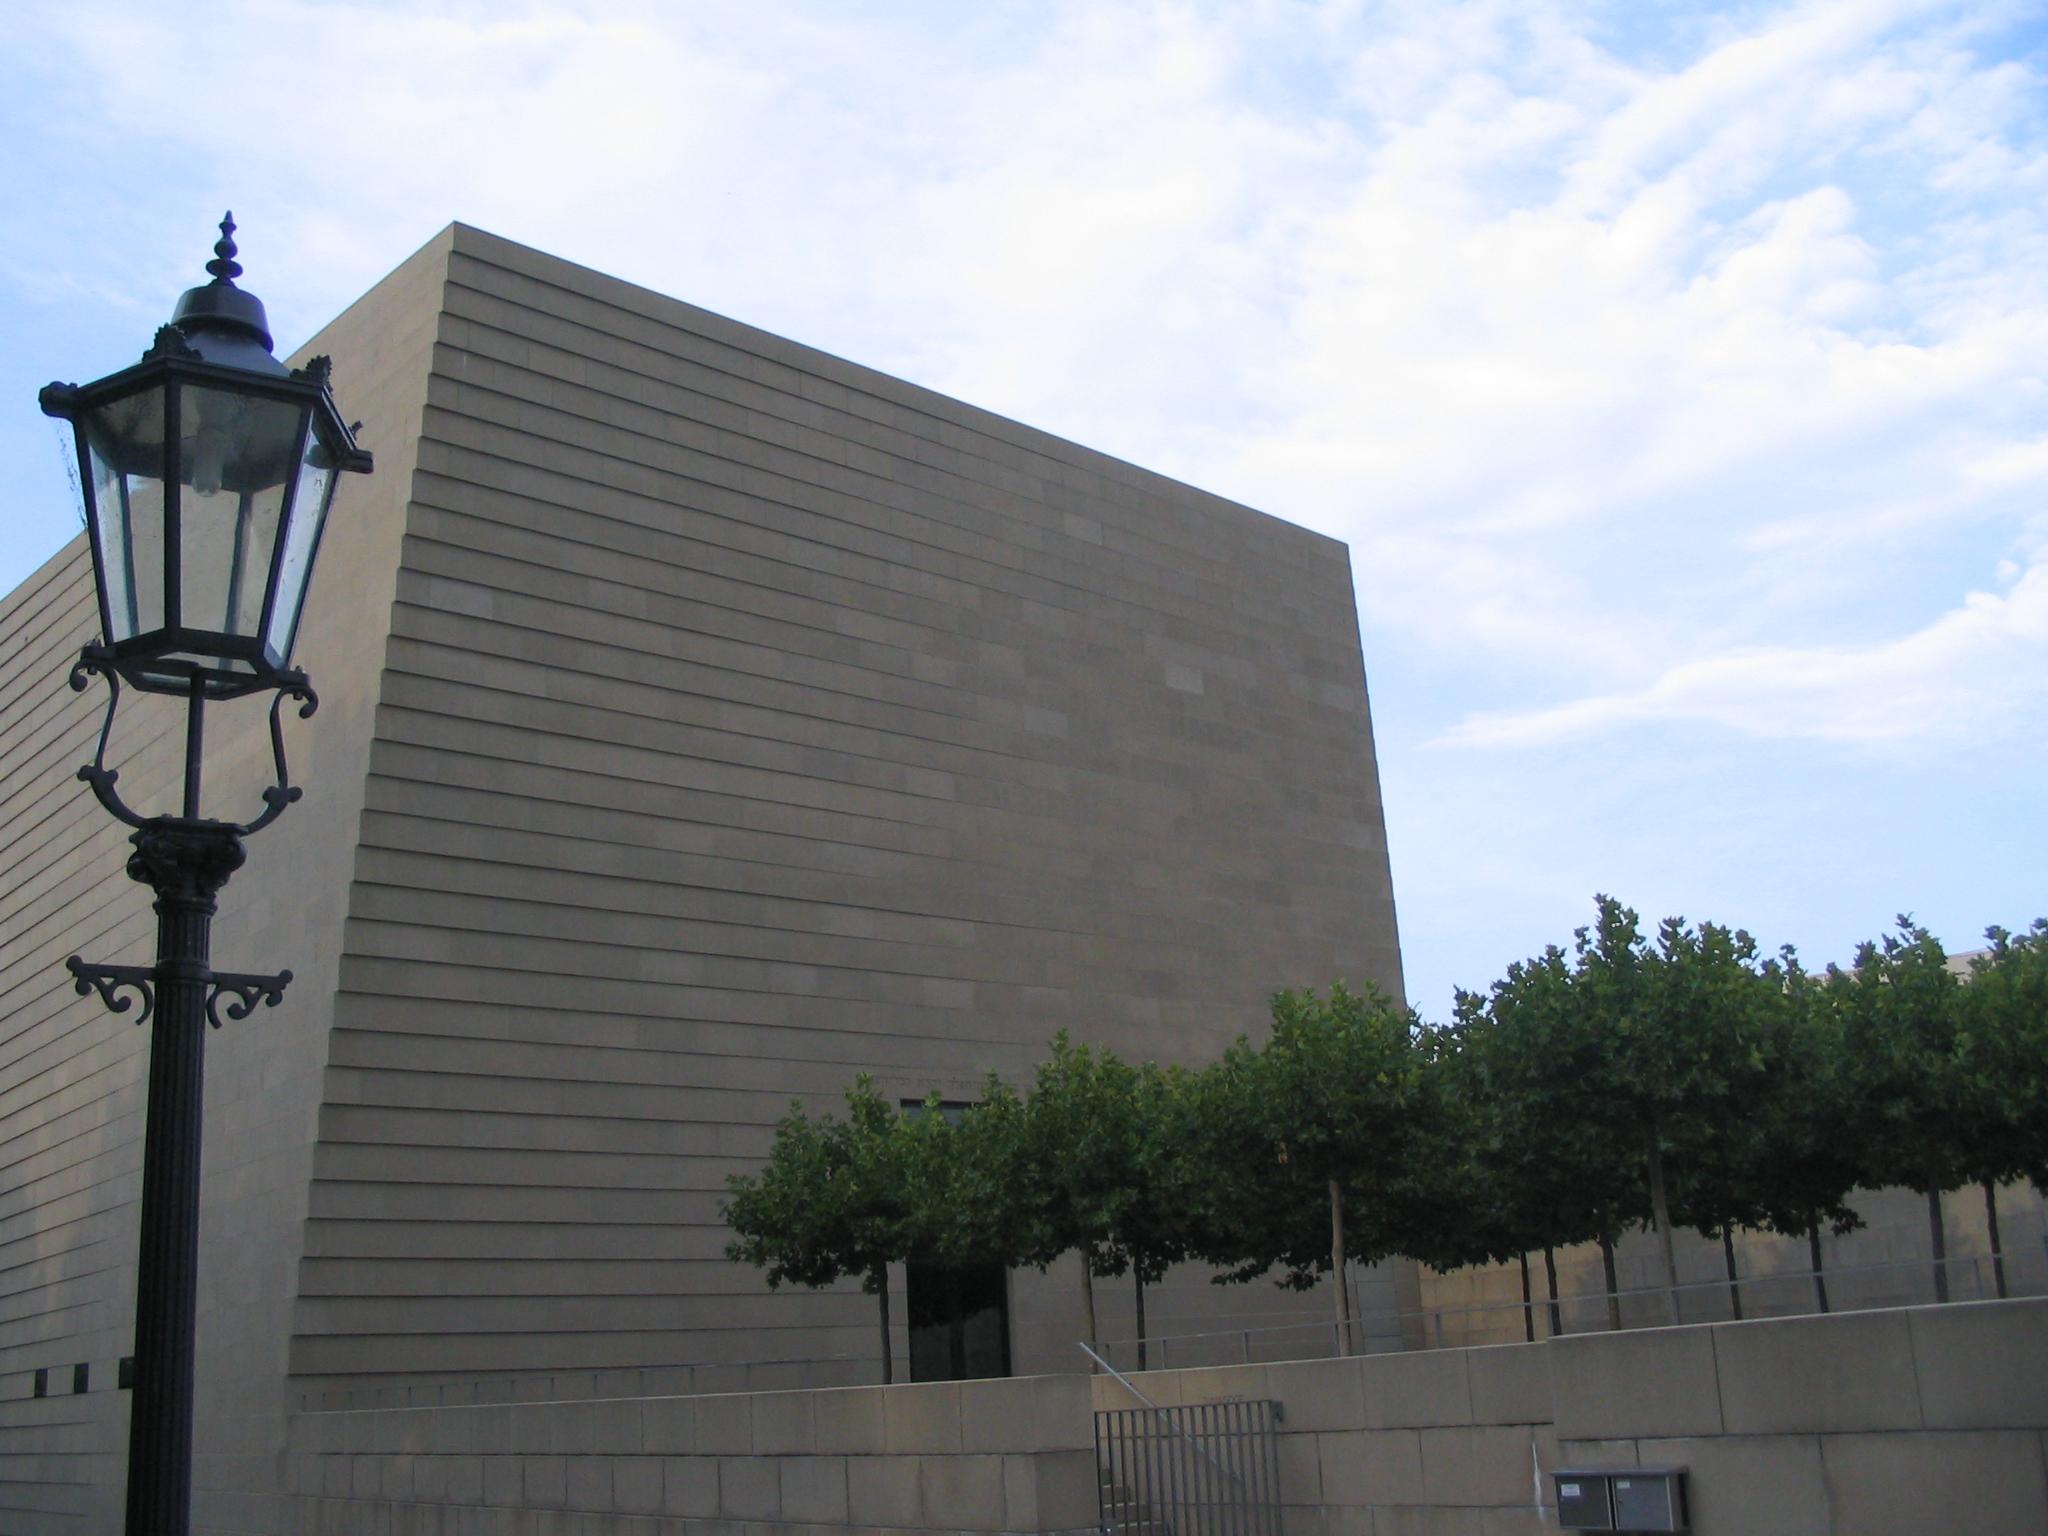 Dresden Moderne rchitektur (Fotos, Diskussionen & Updates ... size: 2048 x 1536 post ID: 8 File size: 0 B